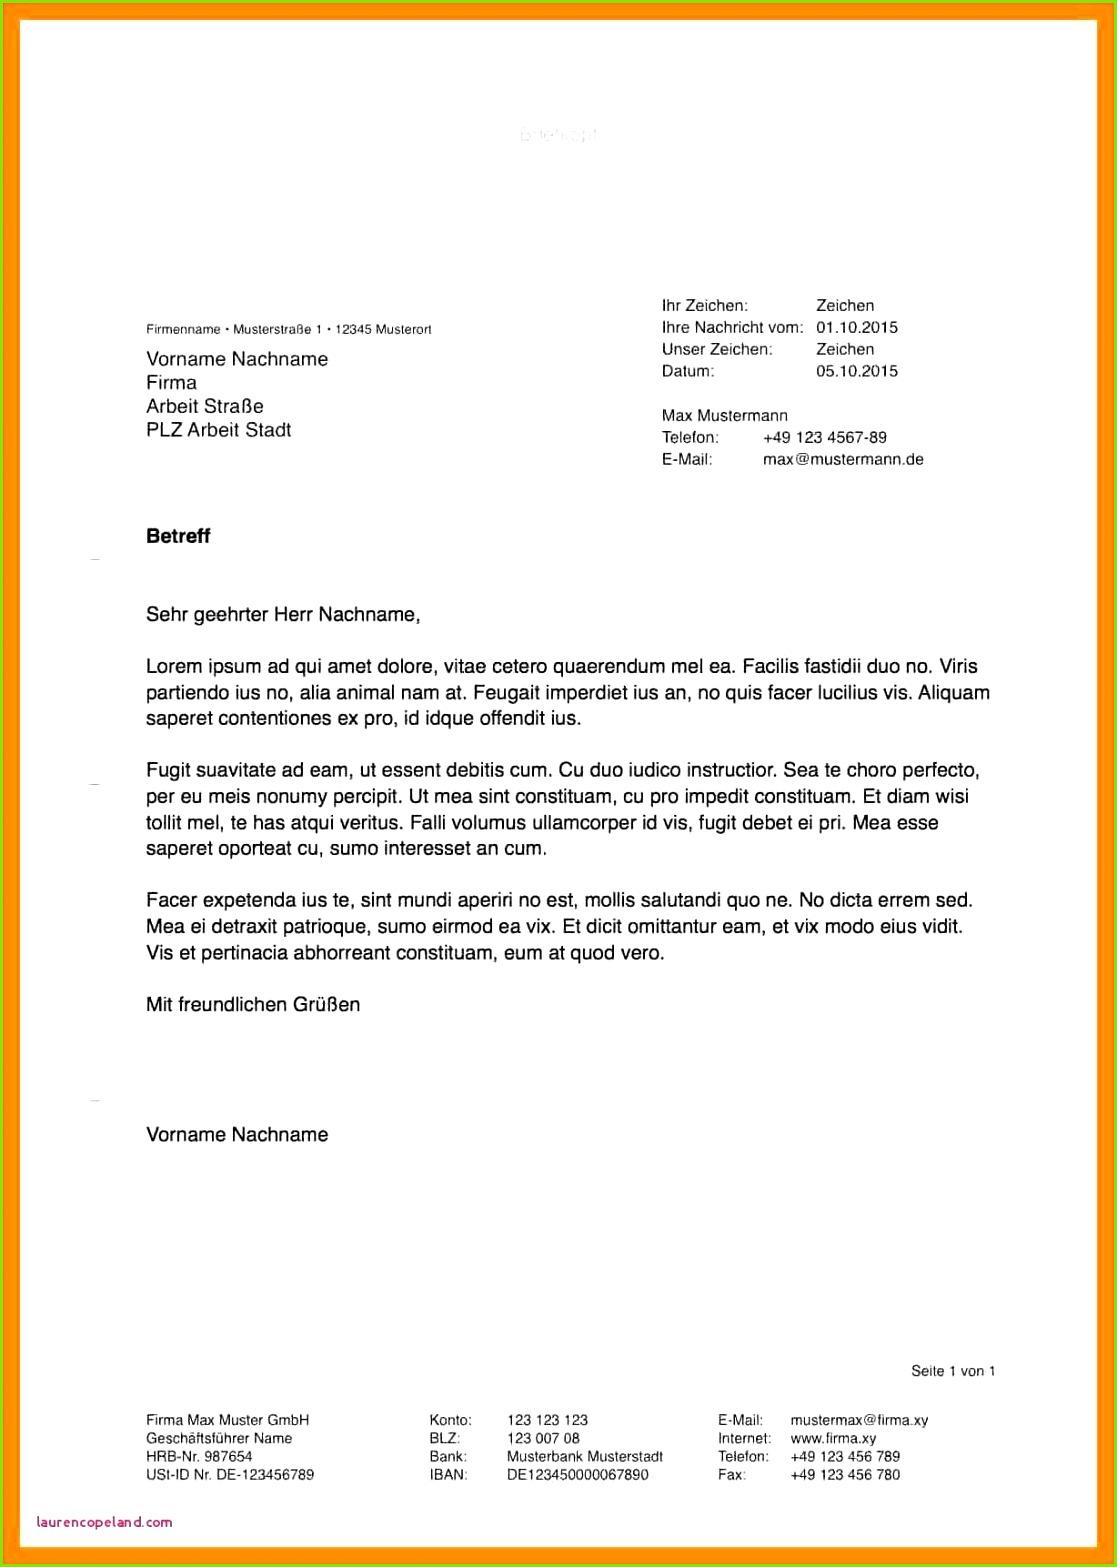 35 Autofachmann Berichtsheft Vorlage Pdf Laurencopeland Ausgezeichnet Autofachmann Berichtsheft Vorlage